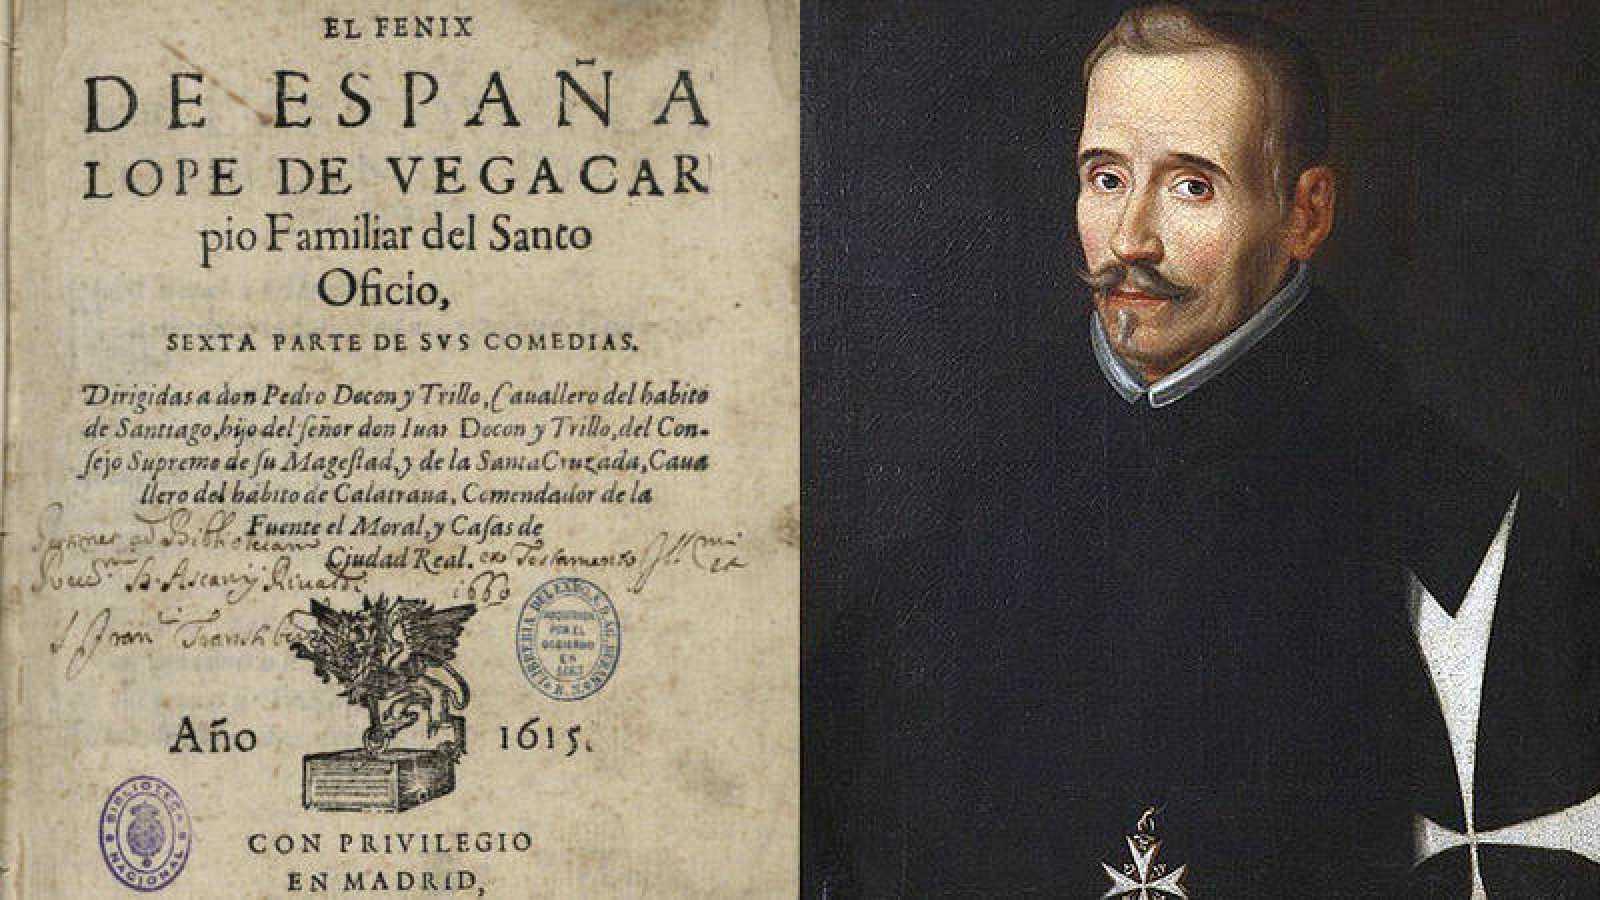 Día Mundial del Teatro   De Lope de Vega a Unamuno: las joyas teatrales que  atesora la Biblioteca Nacional - RTVE.es